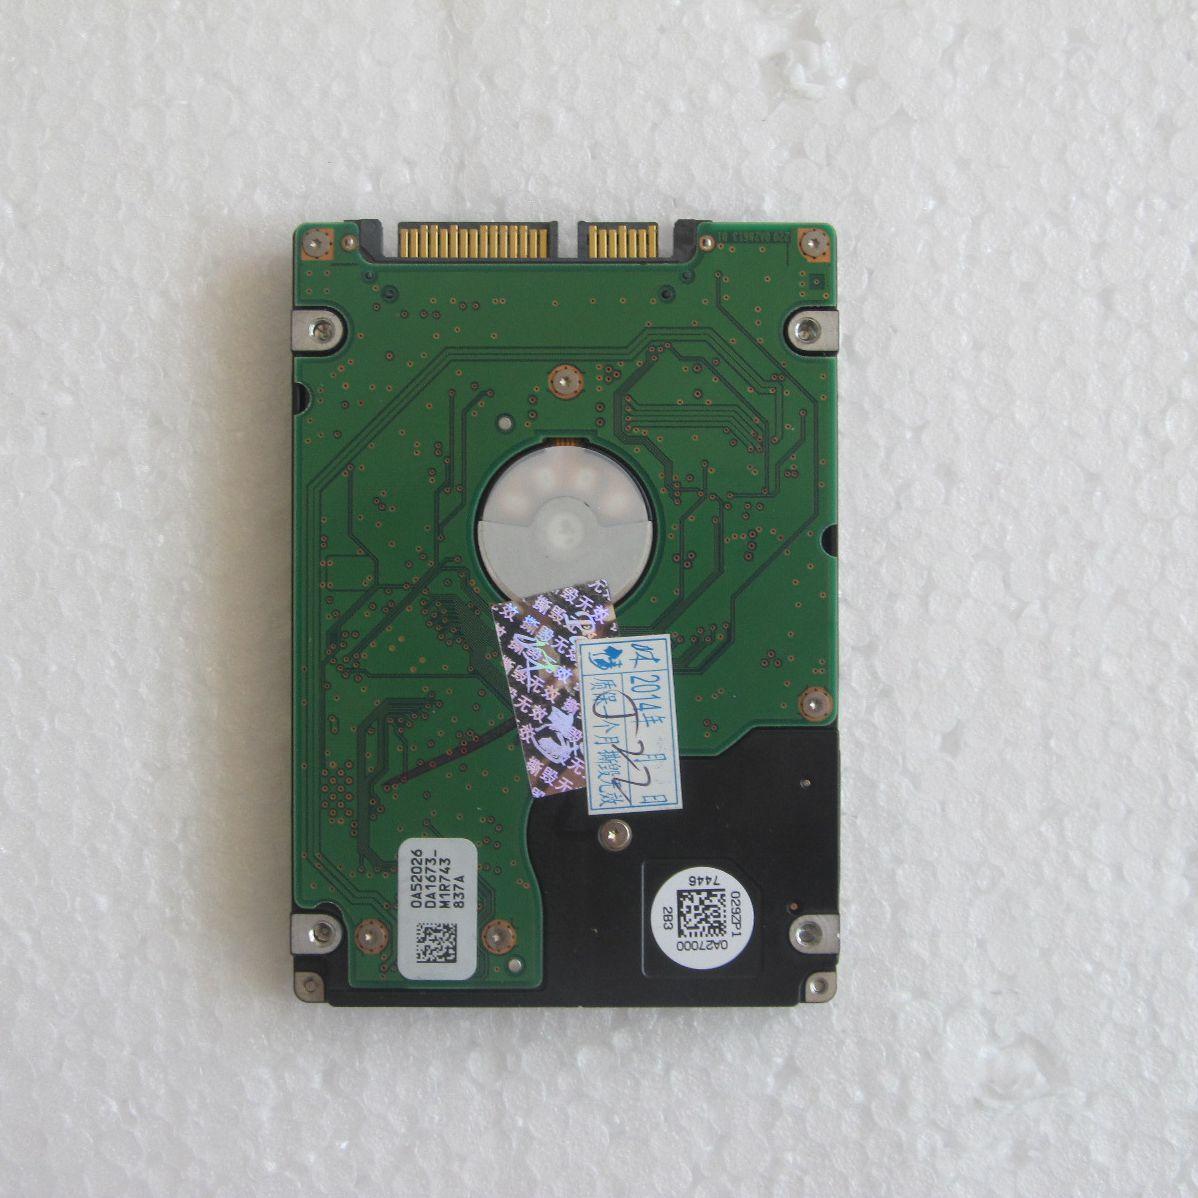 엔지니어 프로그래밍 Windows 7과 BMW ICOM 5백기가바이트 HDD 다중 언어의 경우 ISTA / D 4.24 ISTA / P 3.67